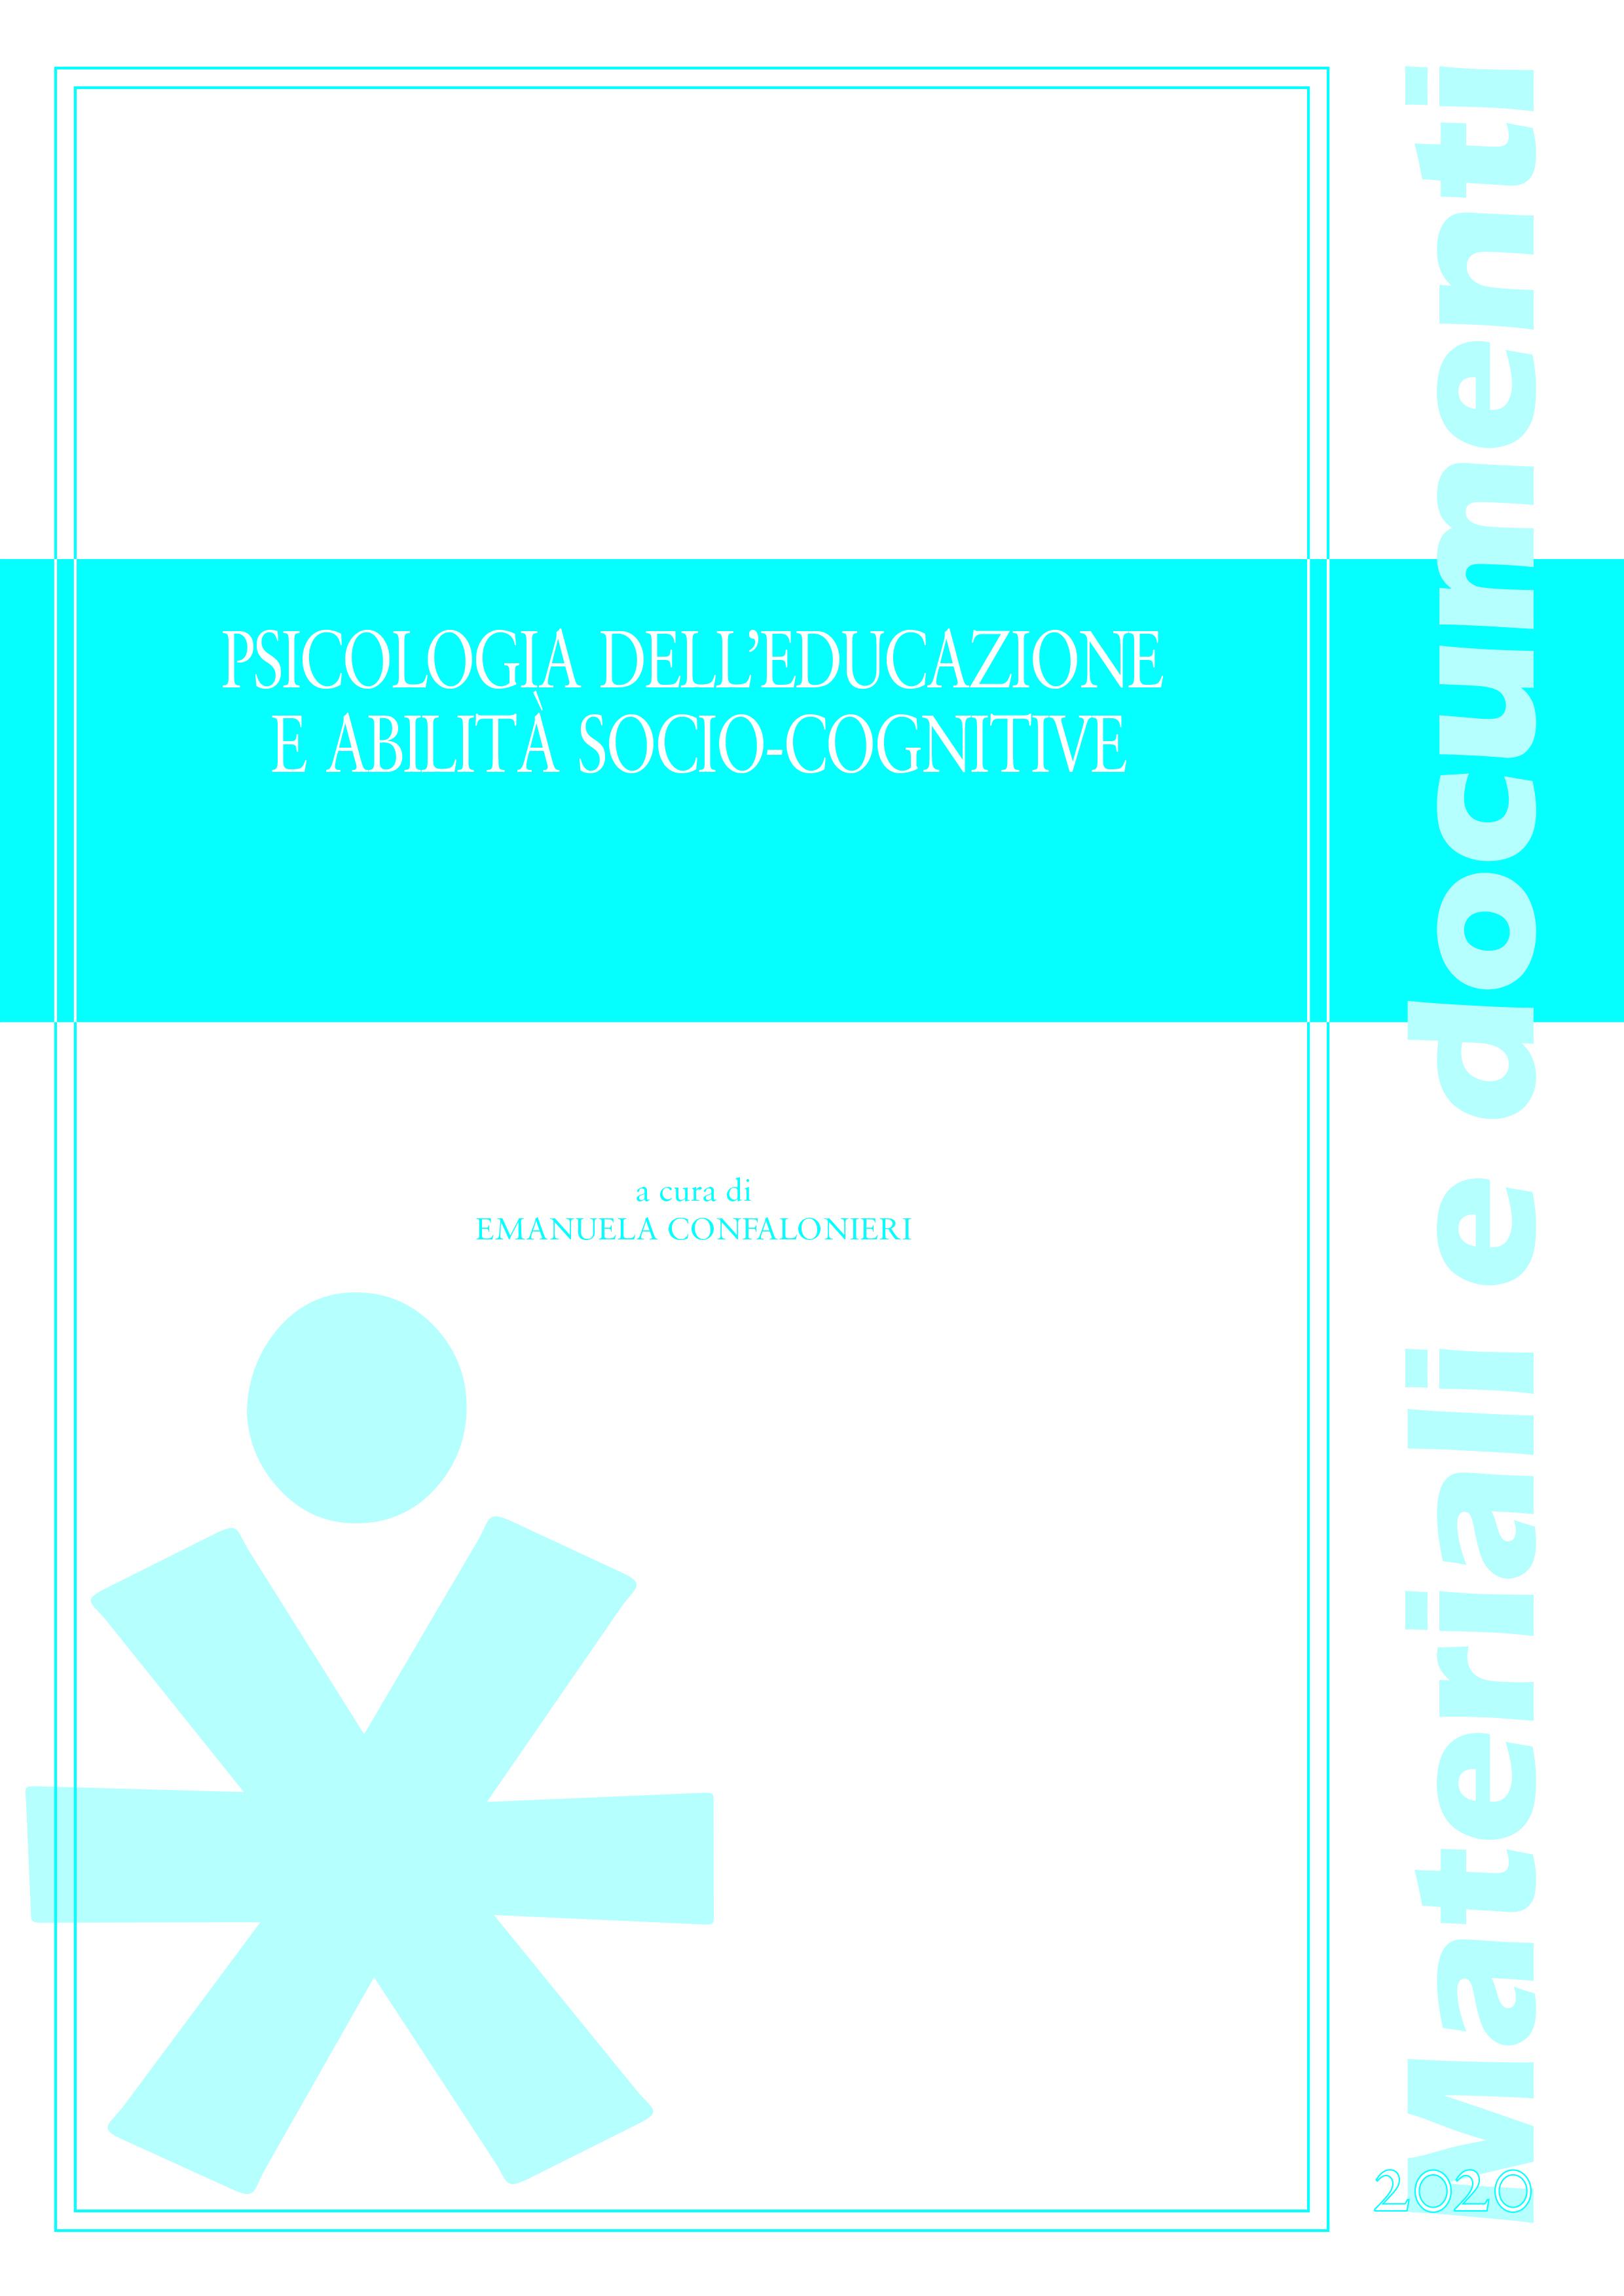 PSICOLOGIA DELL'EDUCAZIONE E ABILITA' SOCIO-COGNITIVE 2020